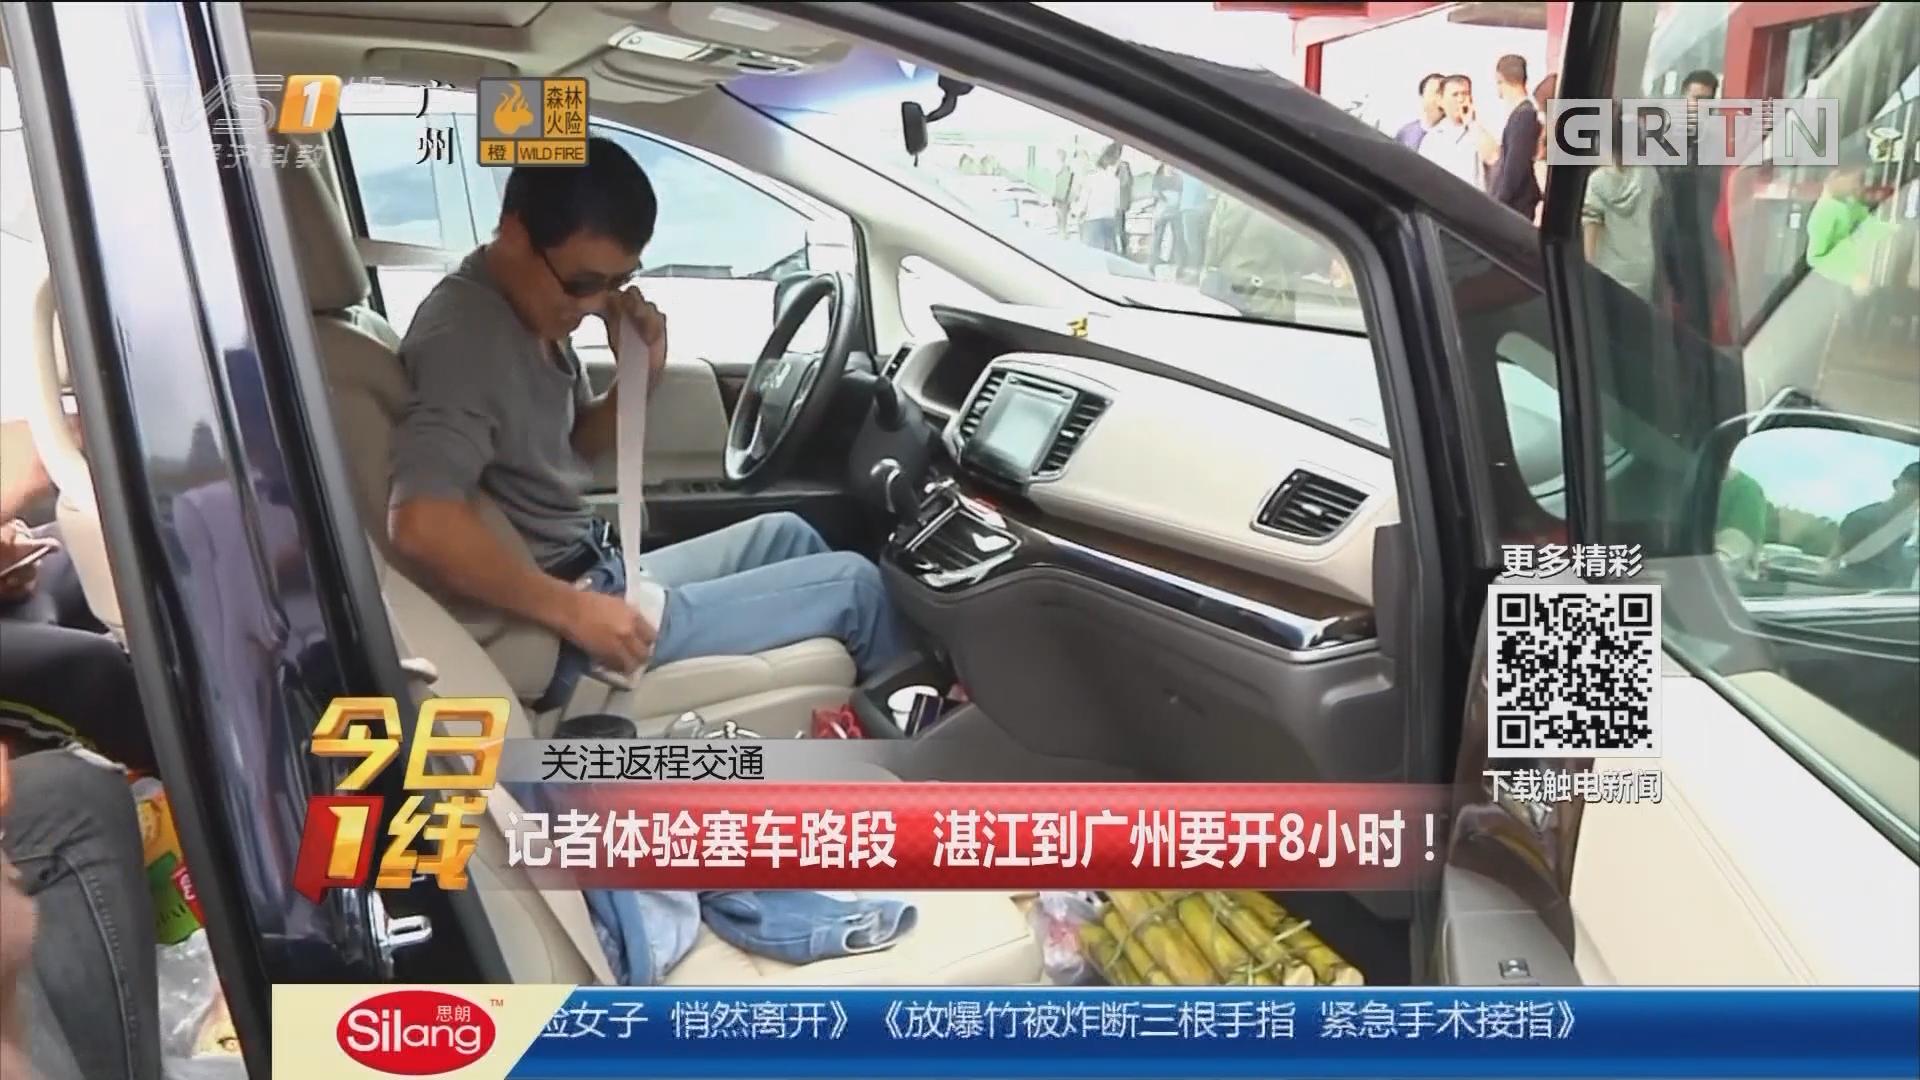 关注返程交通:记者体验塞车路段 湛江到广州要开8小时!